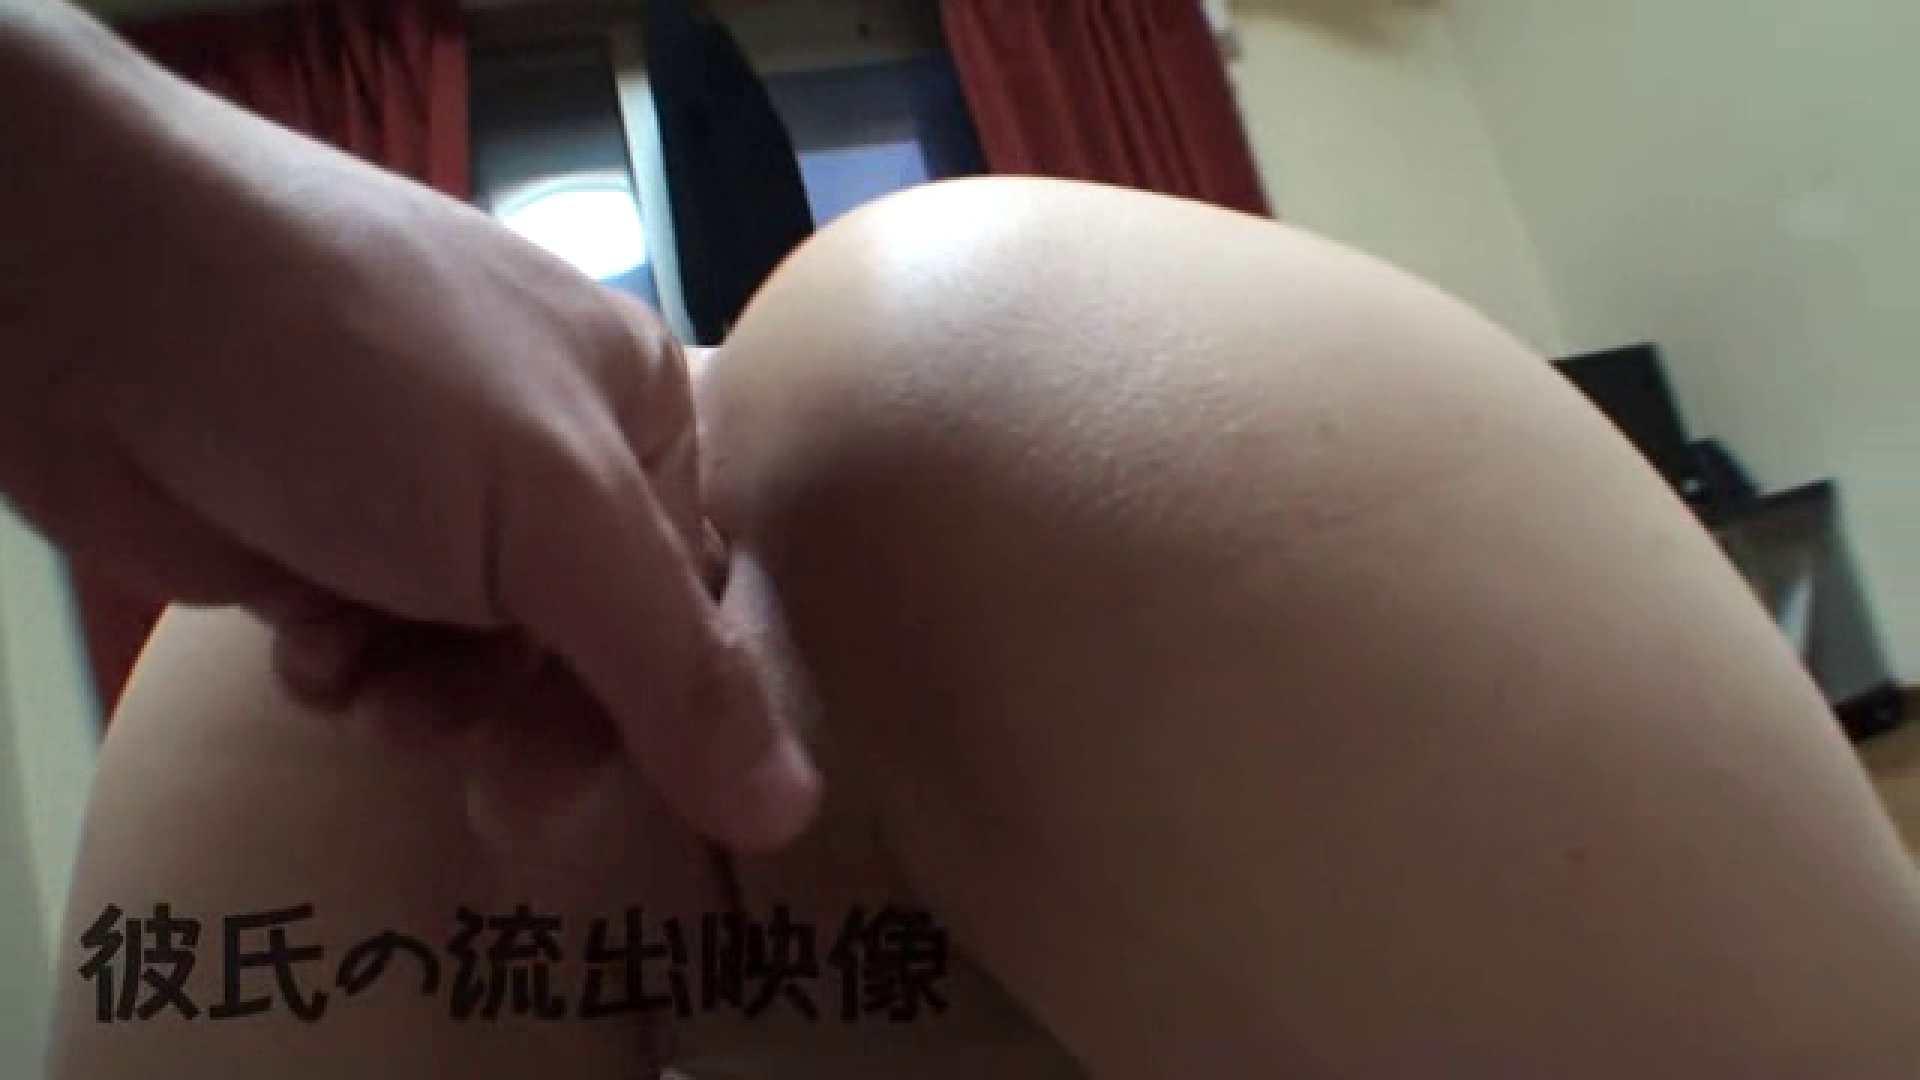 彼氏が流出 パイパン素人嬢のハメ撮り映像 パイパンギャル | 一般投稿  68画像 50